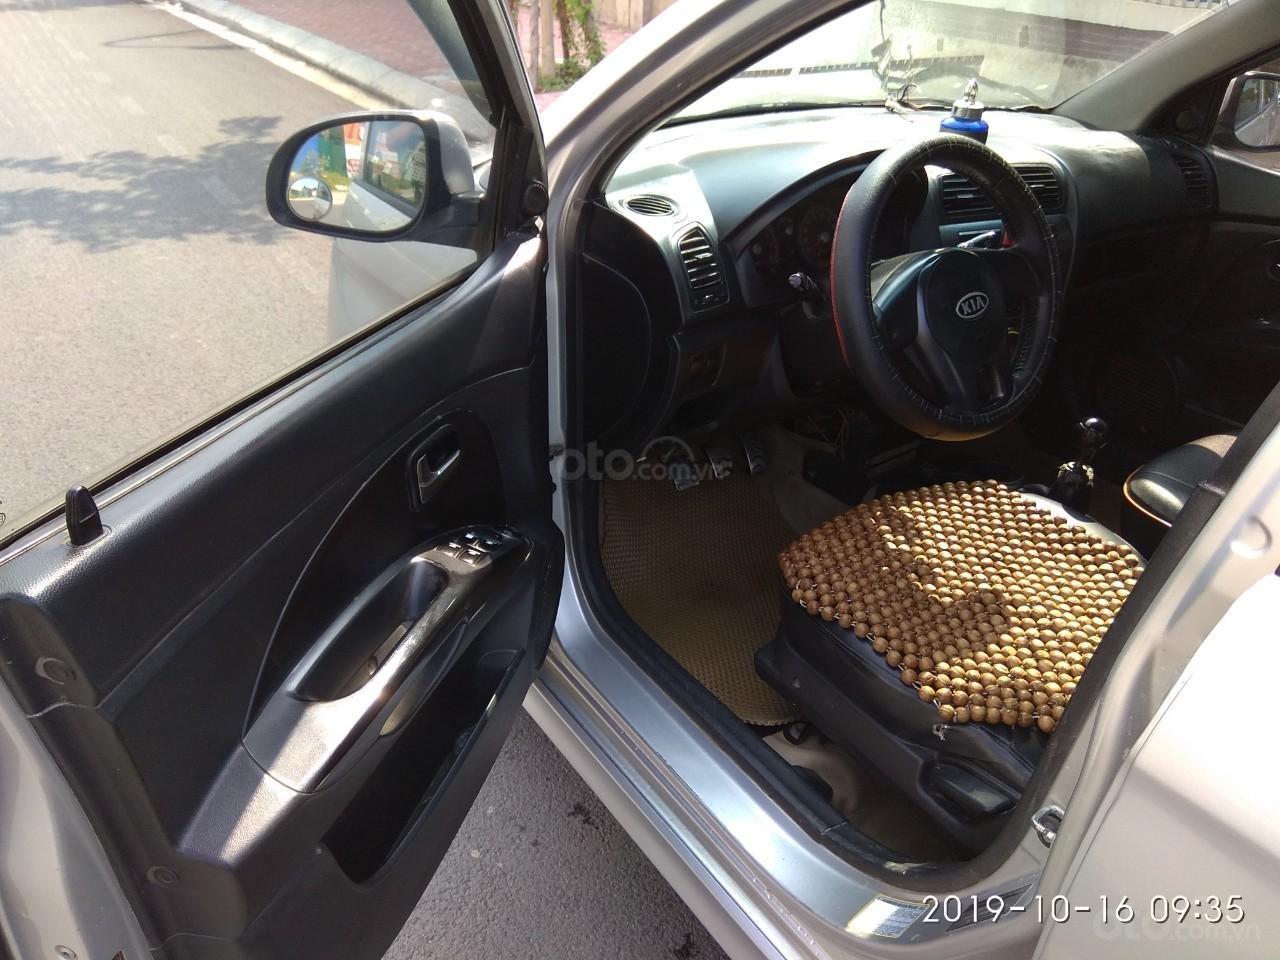 Cần bán Kia Morning sản xuất 2011, màu bạc, giá 168tr (2)